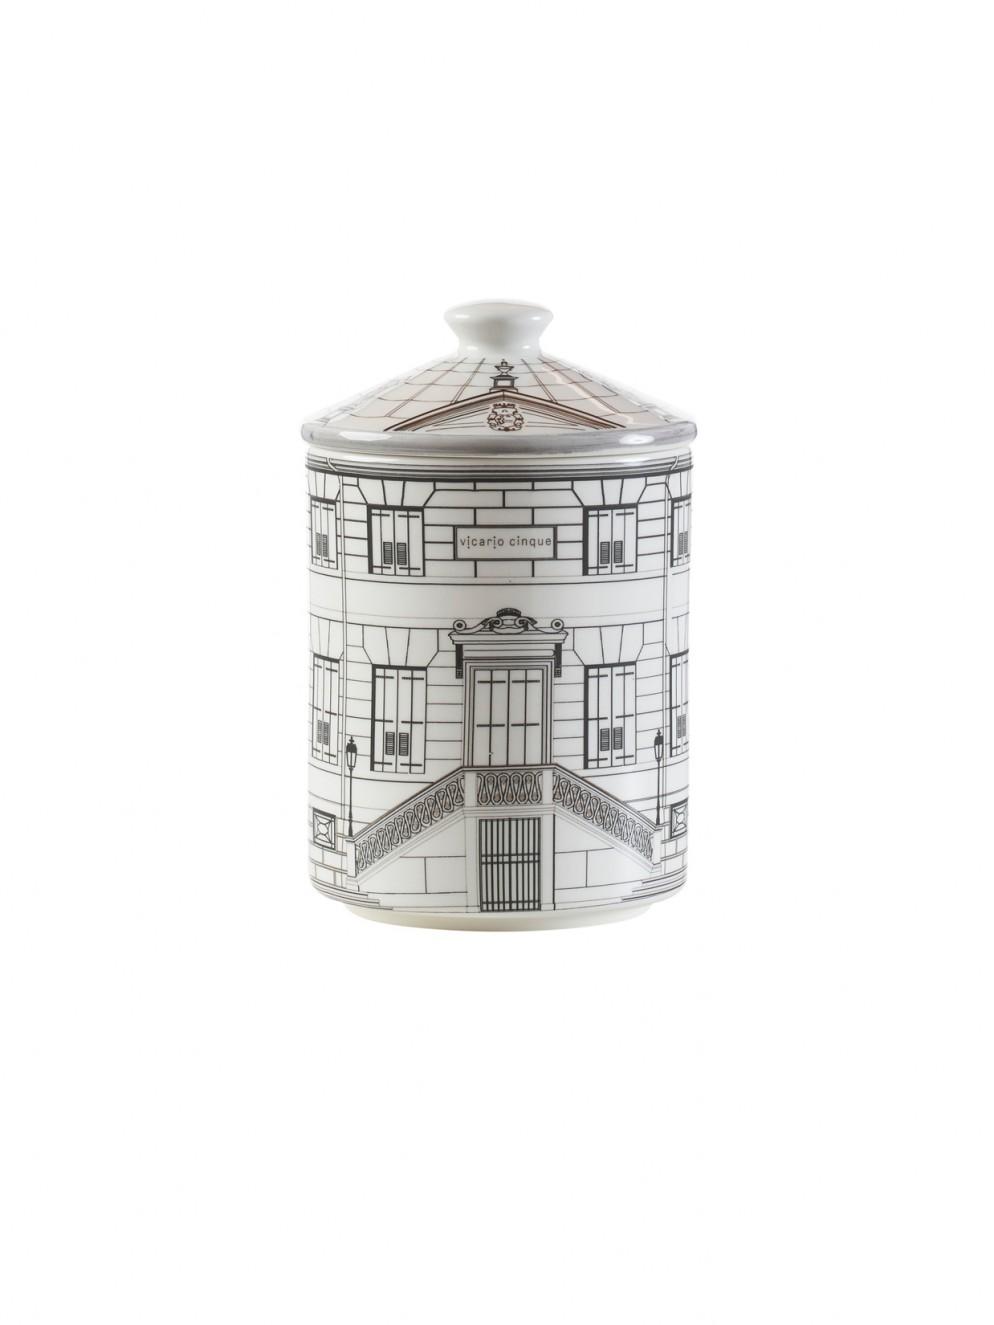 vicario-cinque-collezione-piatti-vasi-tazze-candele-profumatori-d-ambiente-07